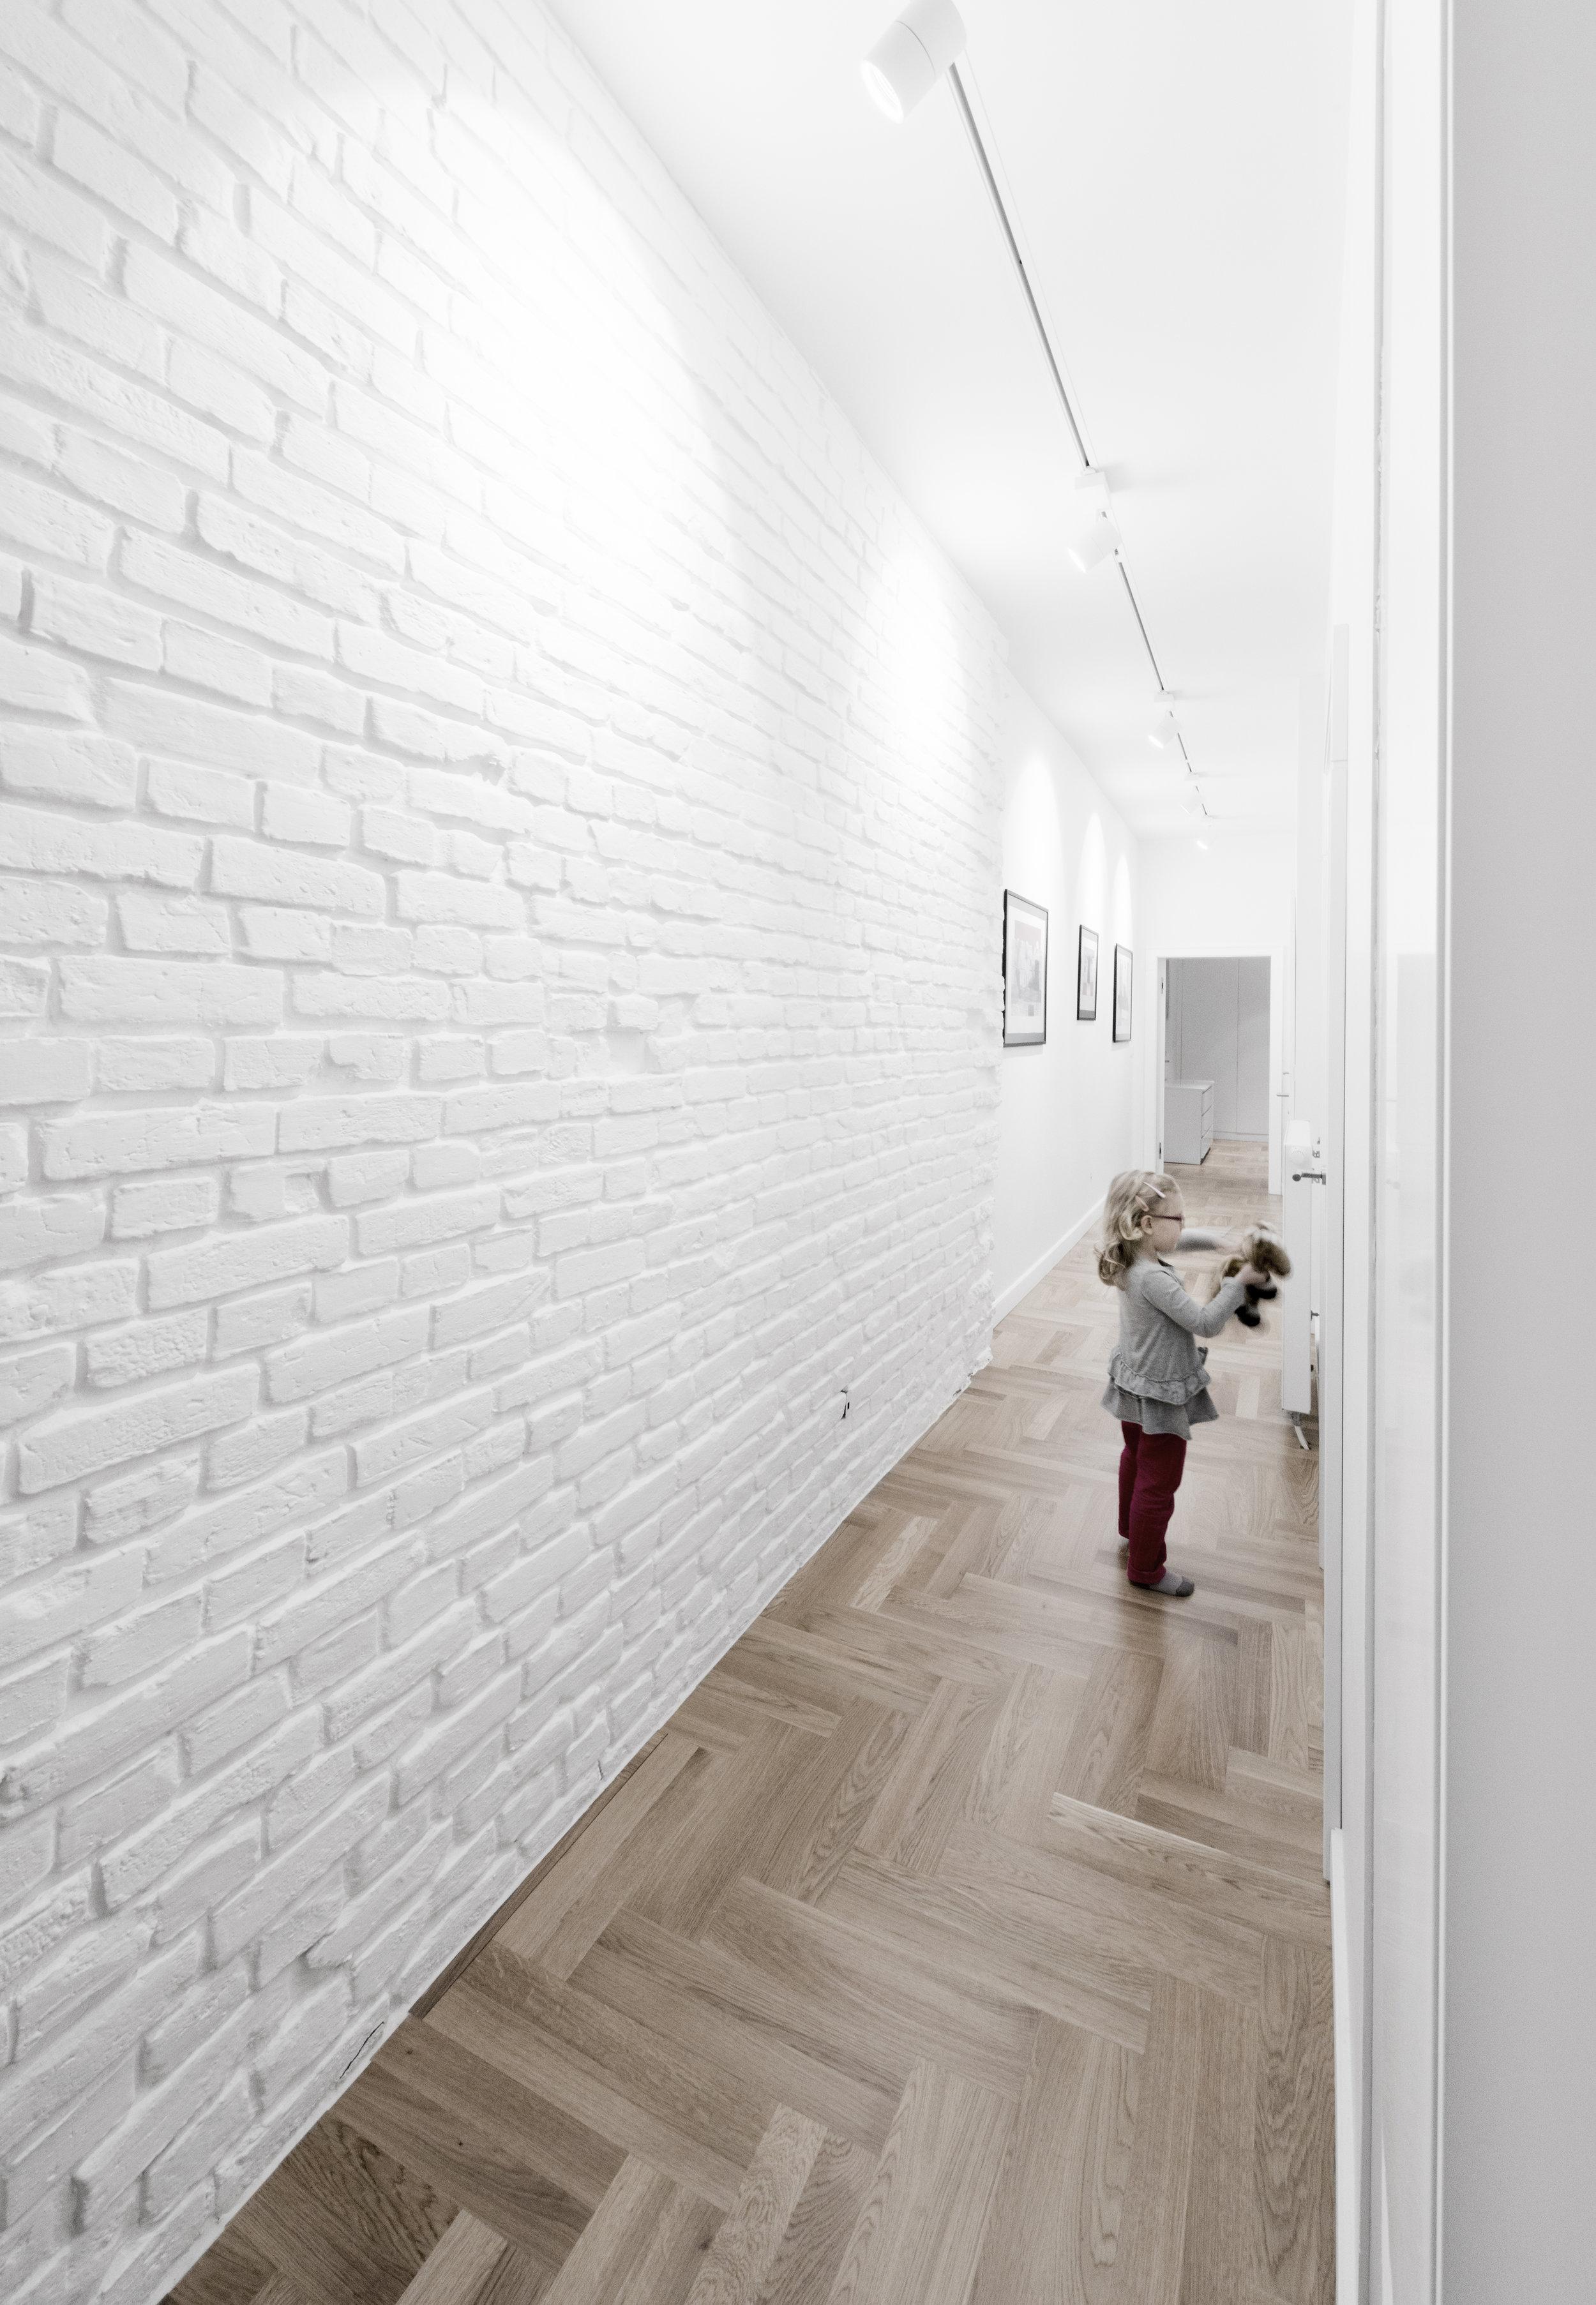 pomysł na korytarz-bielona cegła-parkiet w jodełkę.jpg